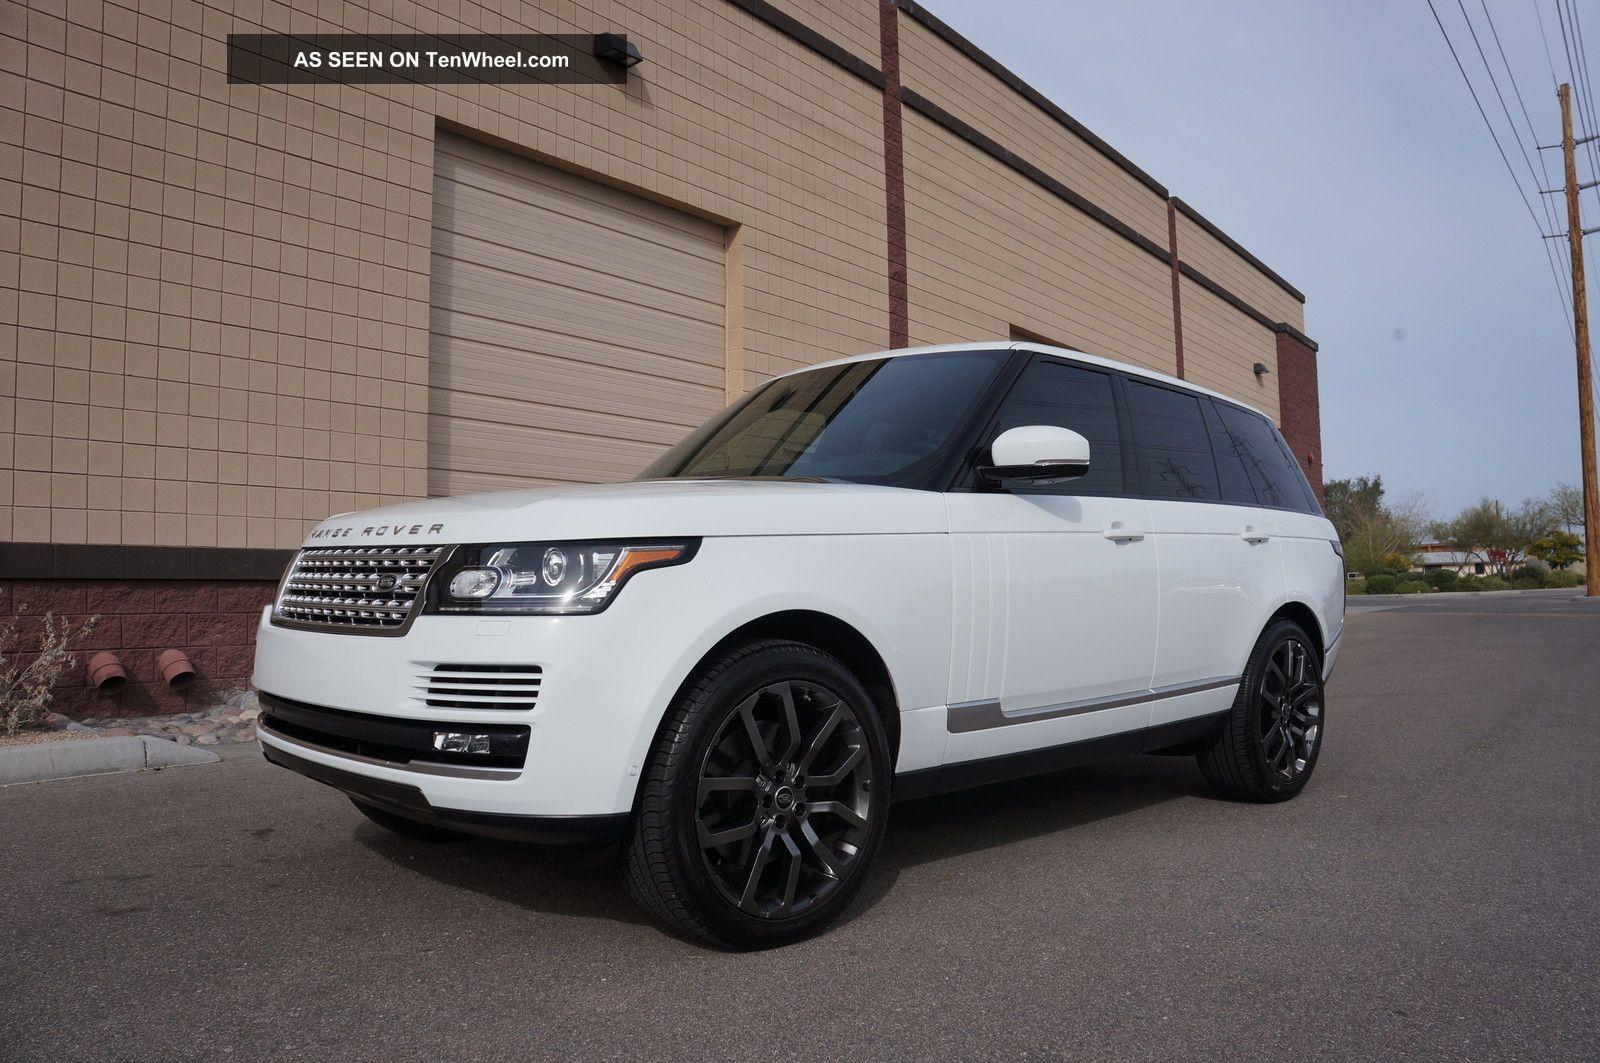 2013 range rover hse white over black 22 meridian. Black Bedroom Furniture Sets. Home Design Ideas